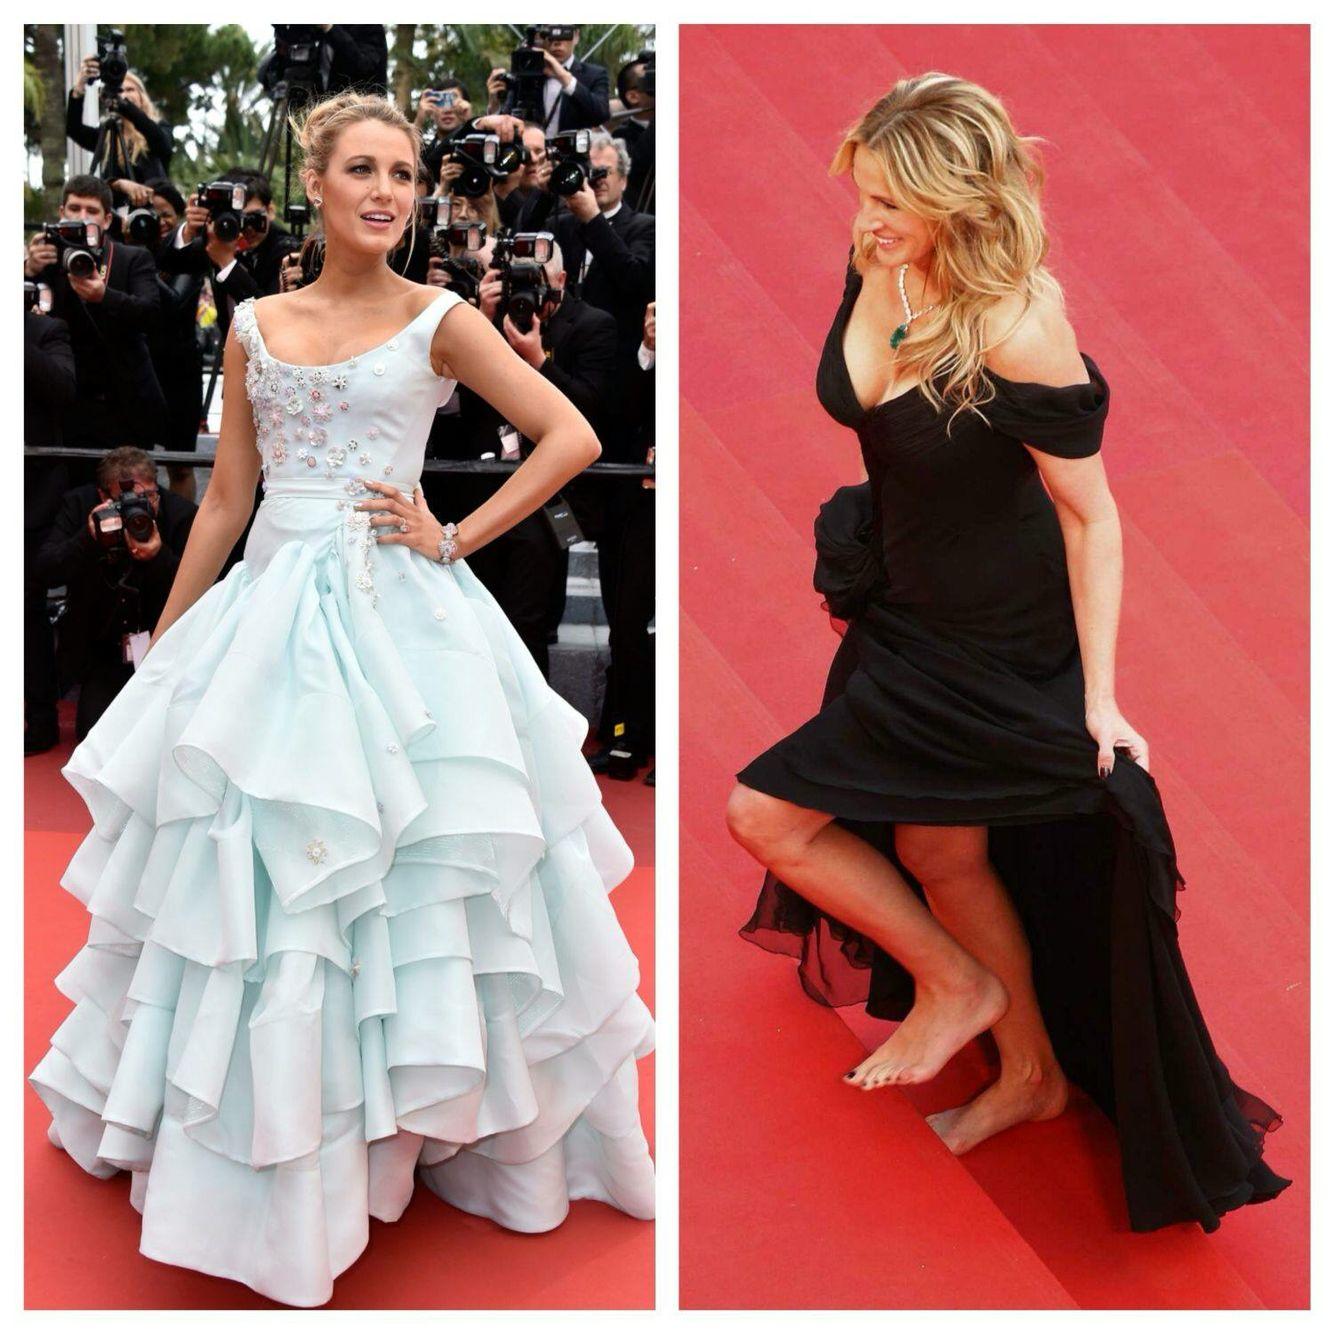 #poramaisb - Inspiration In <3<3 Love, Cannes 2016: Nossos looks preferidos; a elegância de Blake Lively (linda e grávida) +  produções inspiradoras, grifadas, com farfalhar de seda. E as atrizes que dispensaram o sapato para fotos, protesto contra a 'saia justa' de 2015, quando algumas convidadas foram barradas por usarem sapatilhas